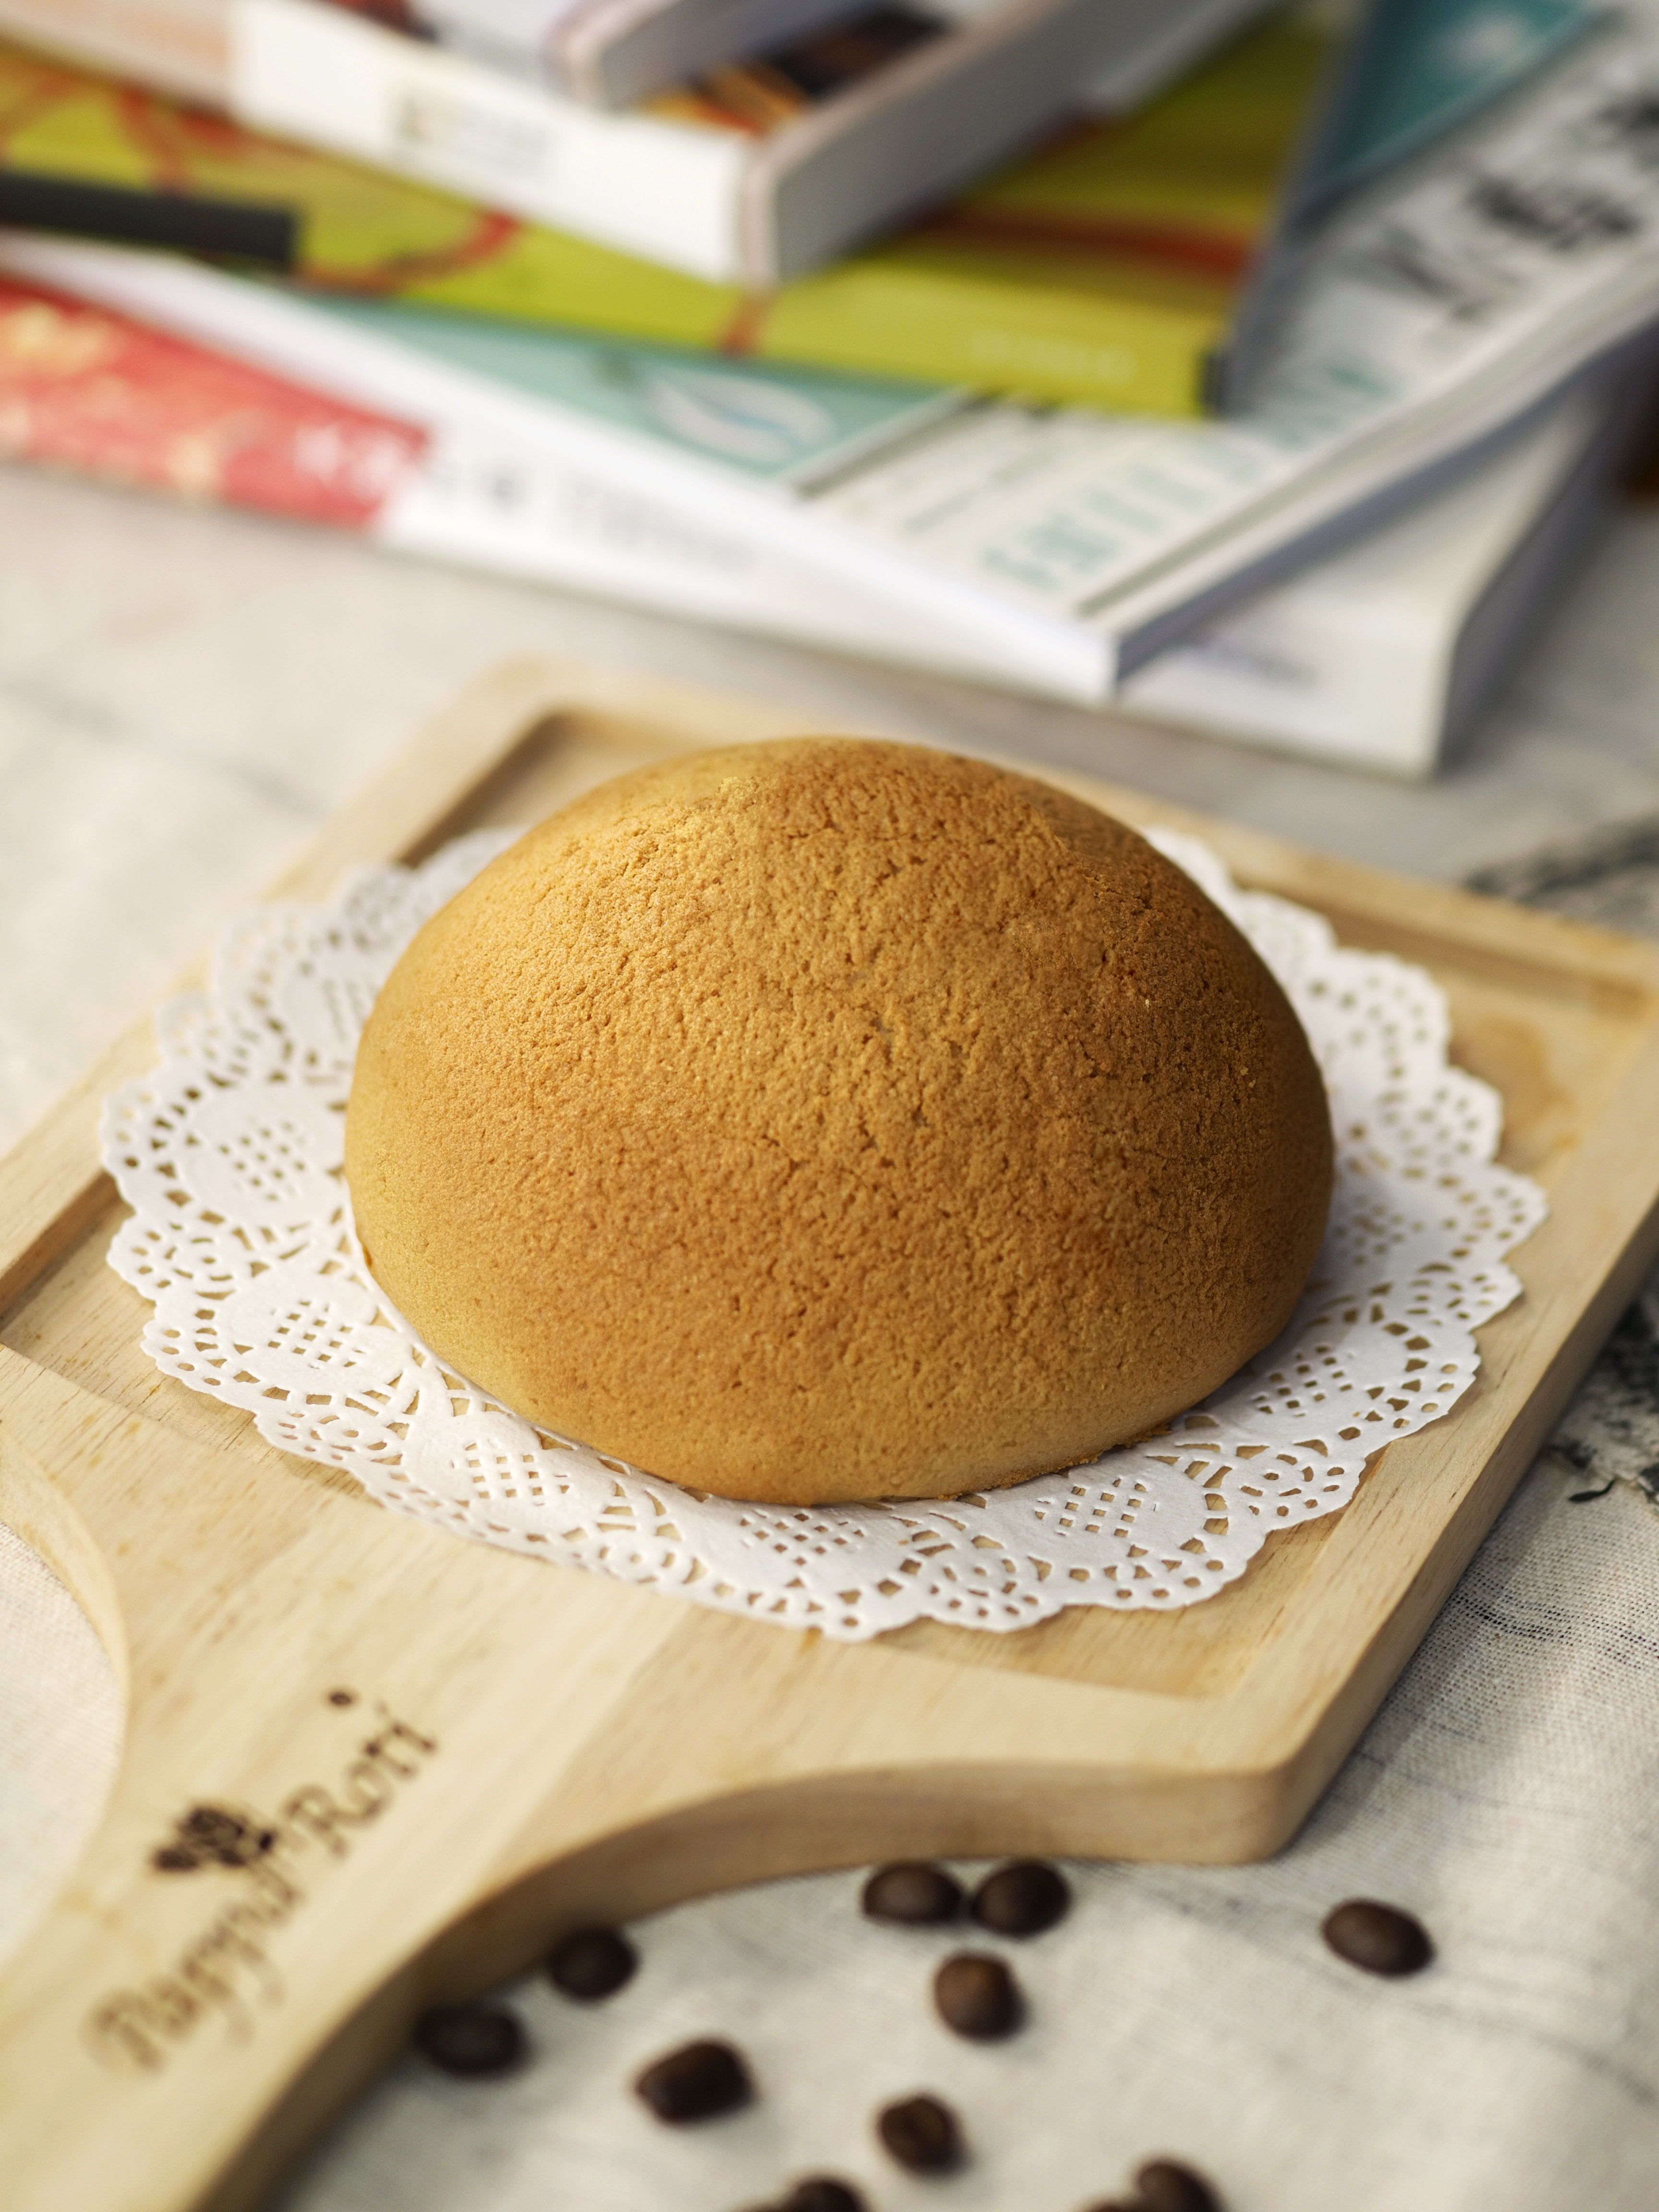 投资帕帕罗蒂面包加盟店,创造烘焙幸福人生!